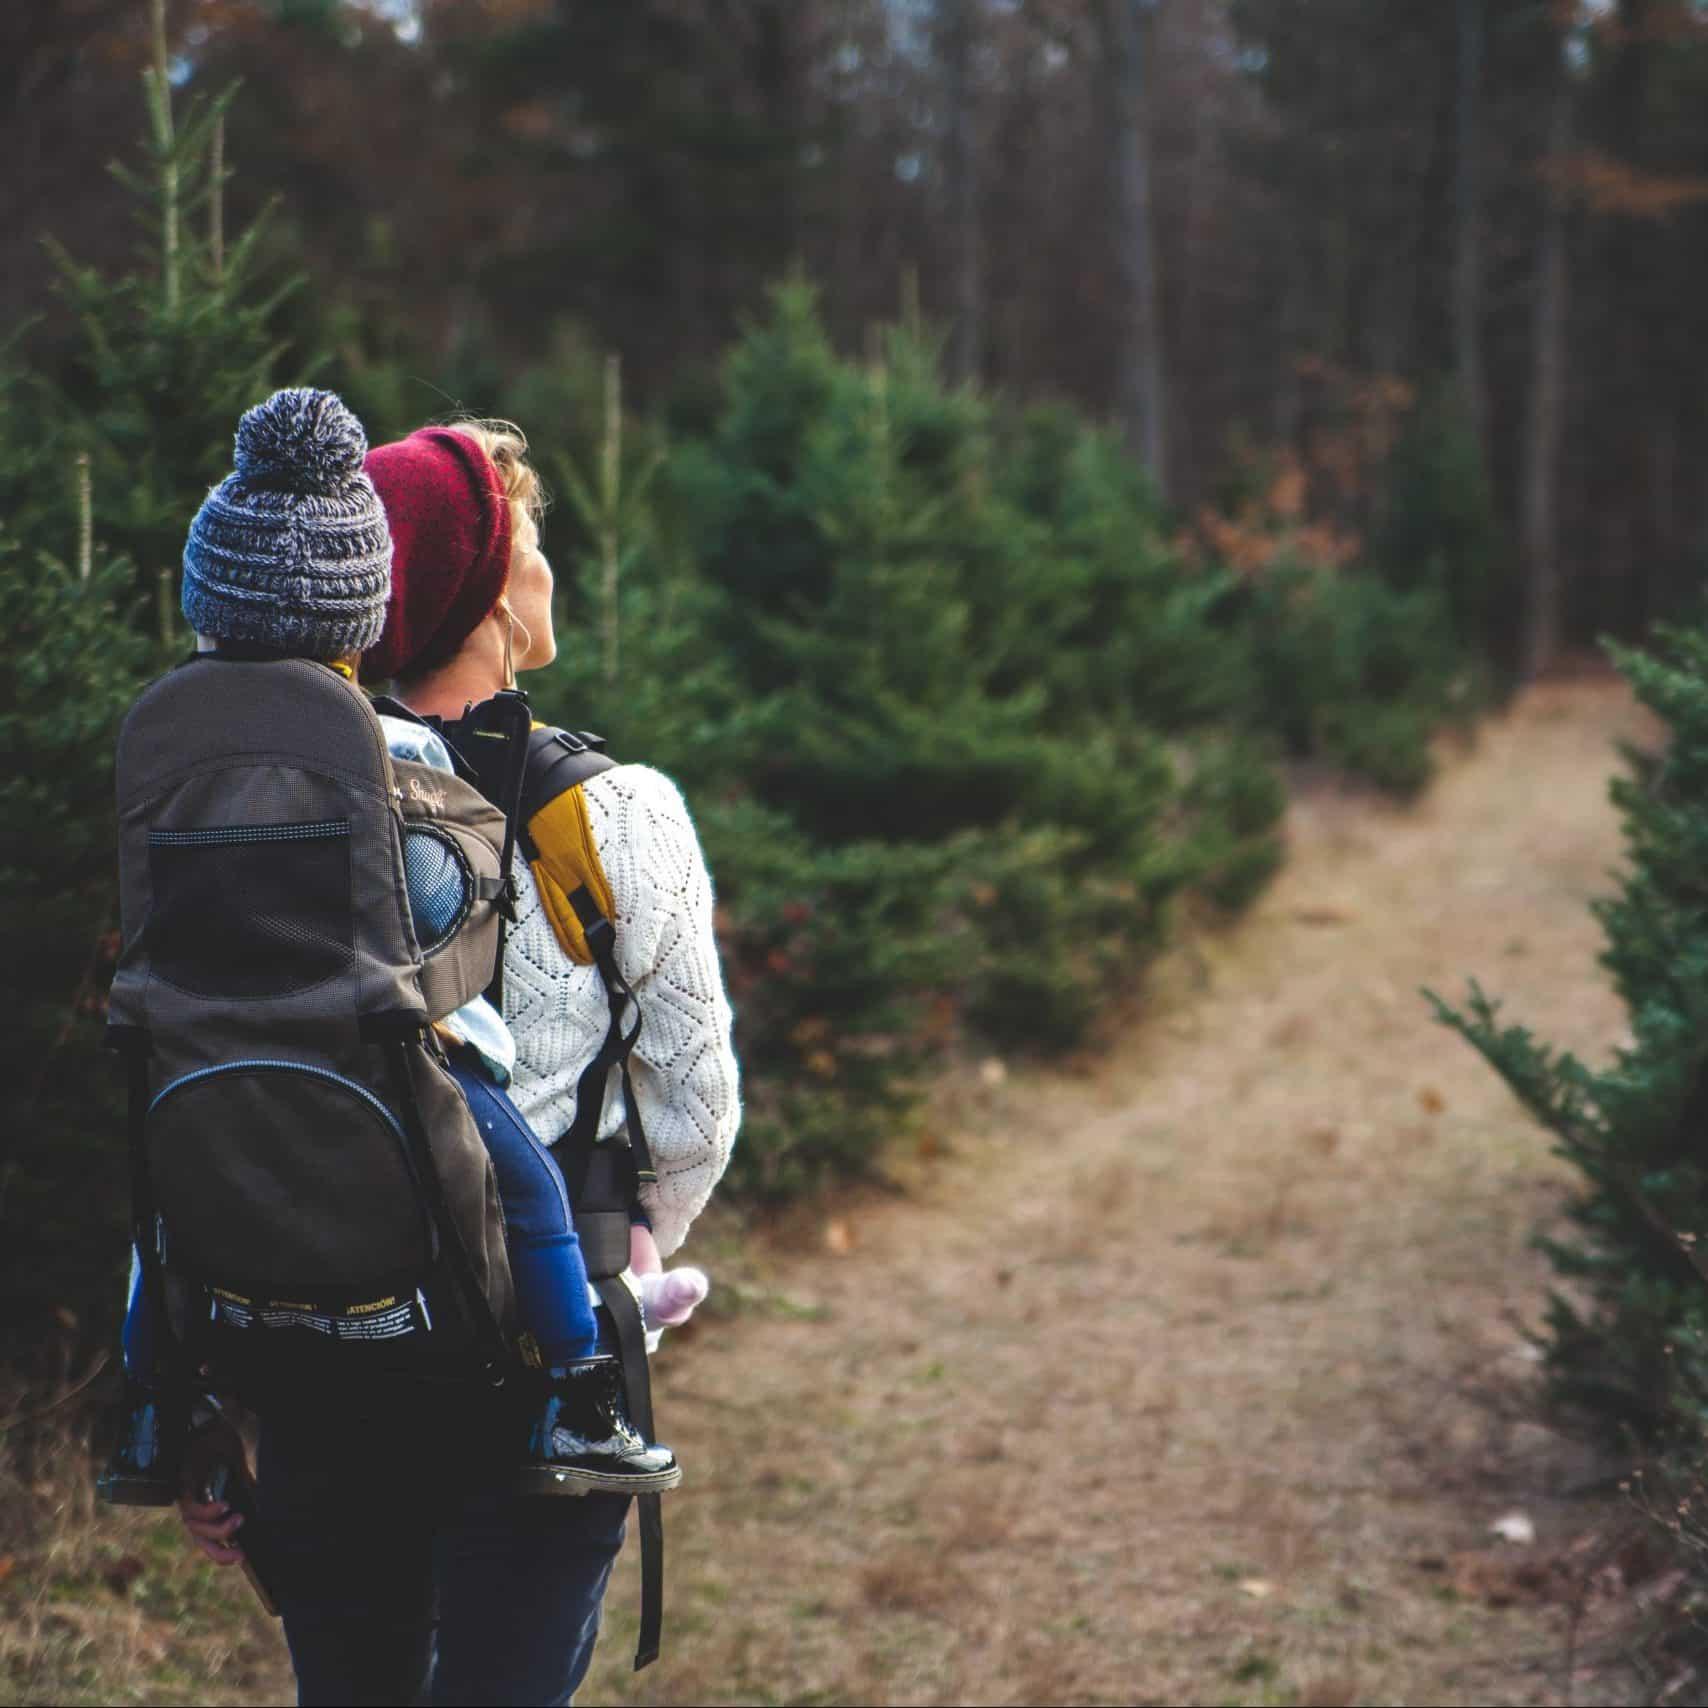 Mutter mit Kind wandert im Wald